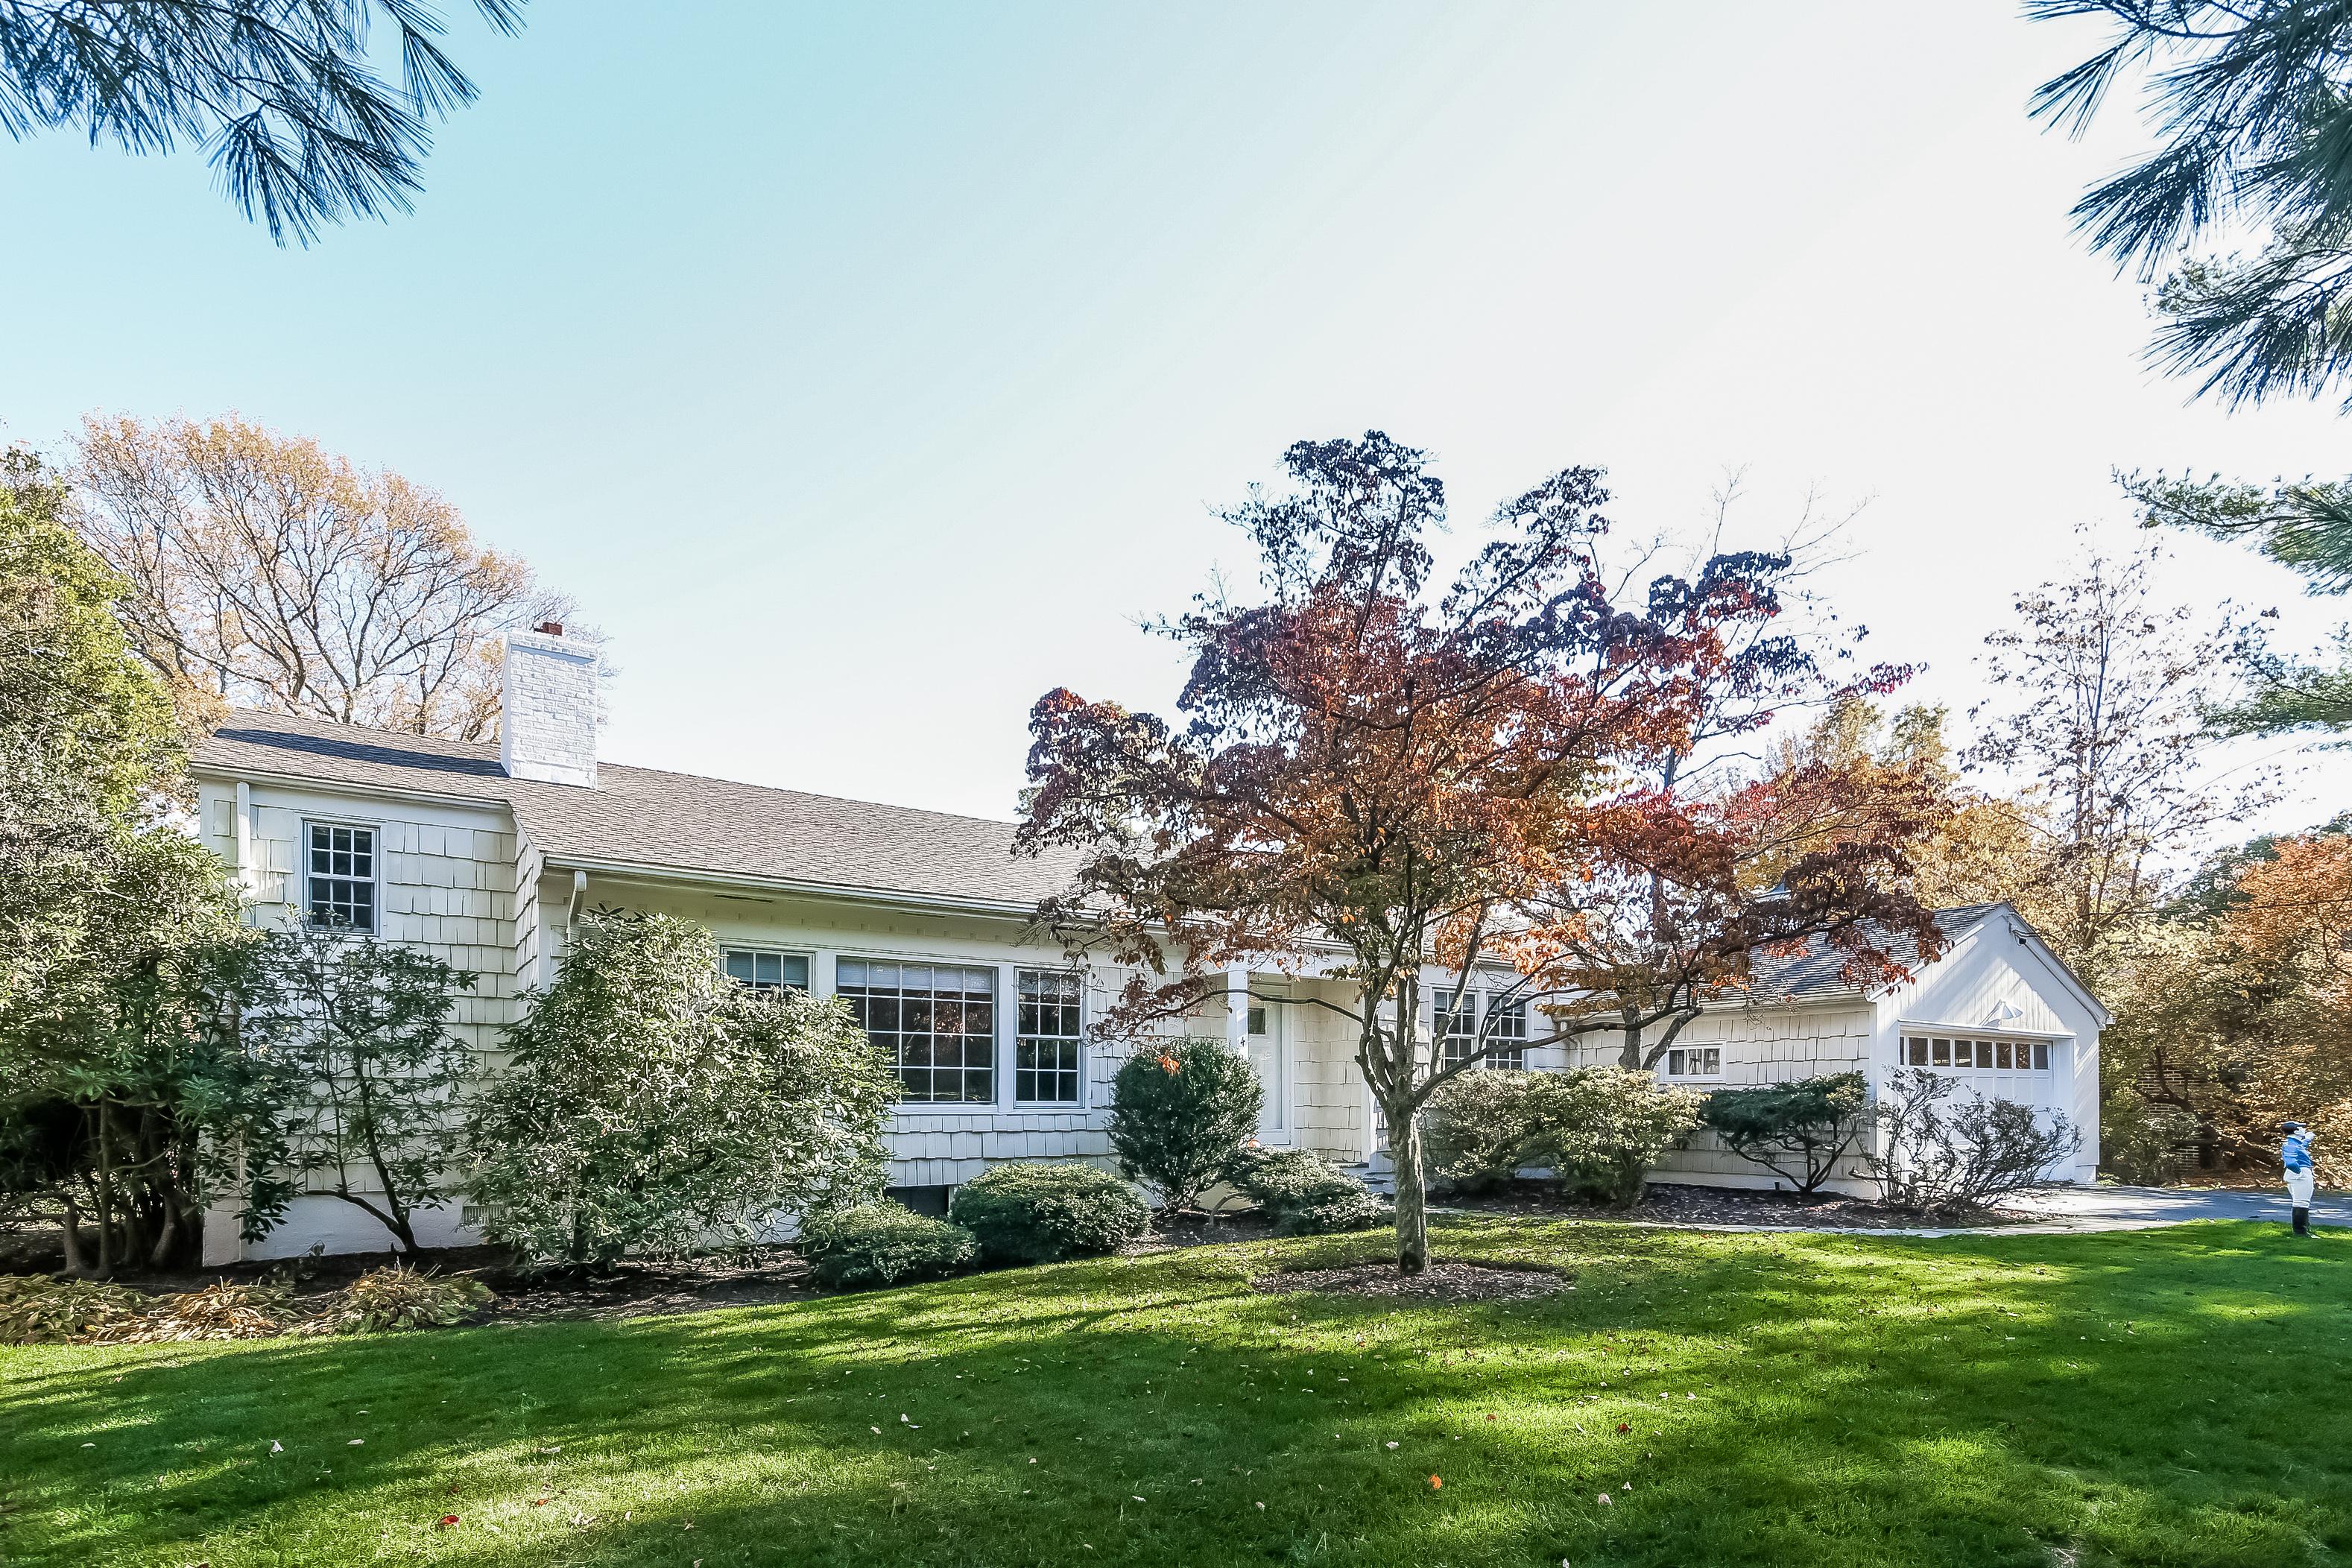 一戸建て のために 売買 アット Bright Mid-Century Home in Prince Willows Estates 4 Wagon Wheel Road Mamaroneck, ニューヨーク, 10543 アメリカ合衆国